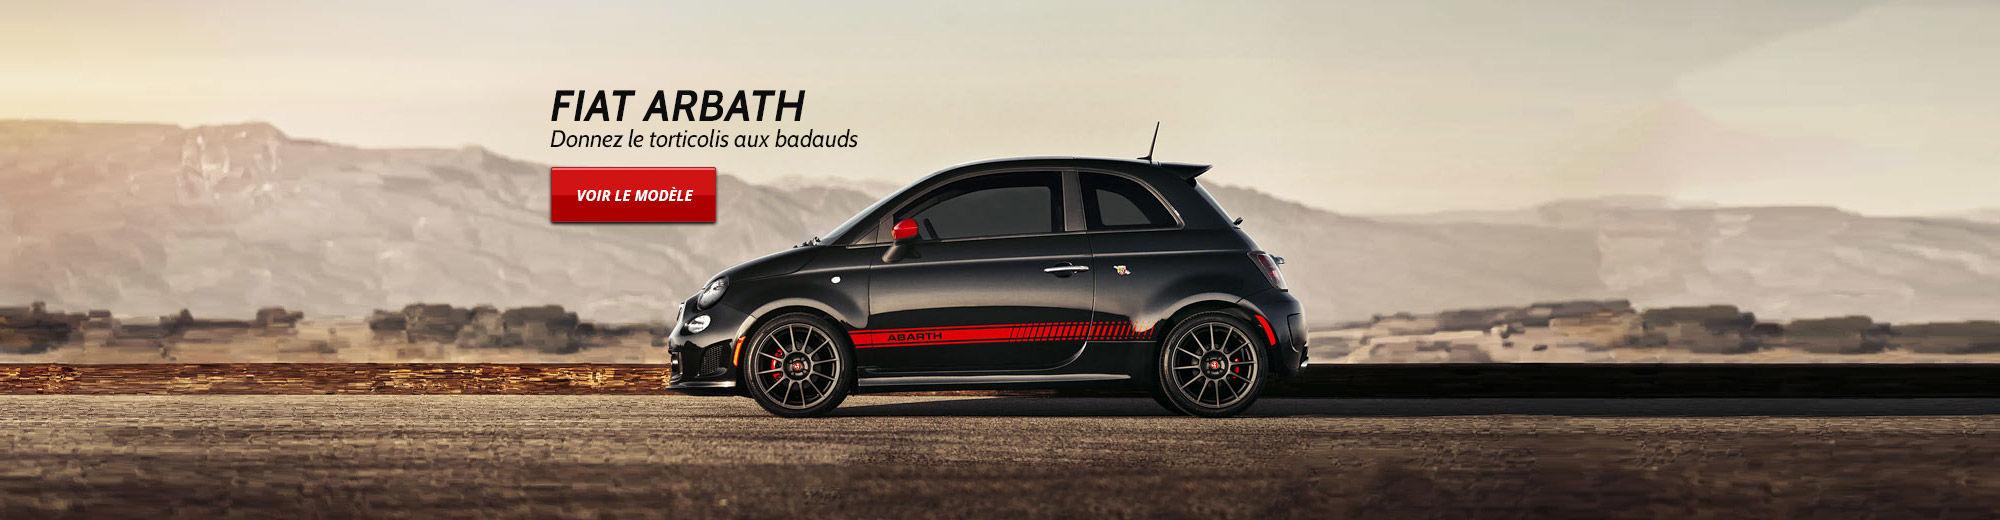 Fiat 500 Arbarth